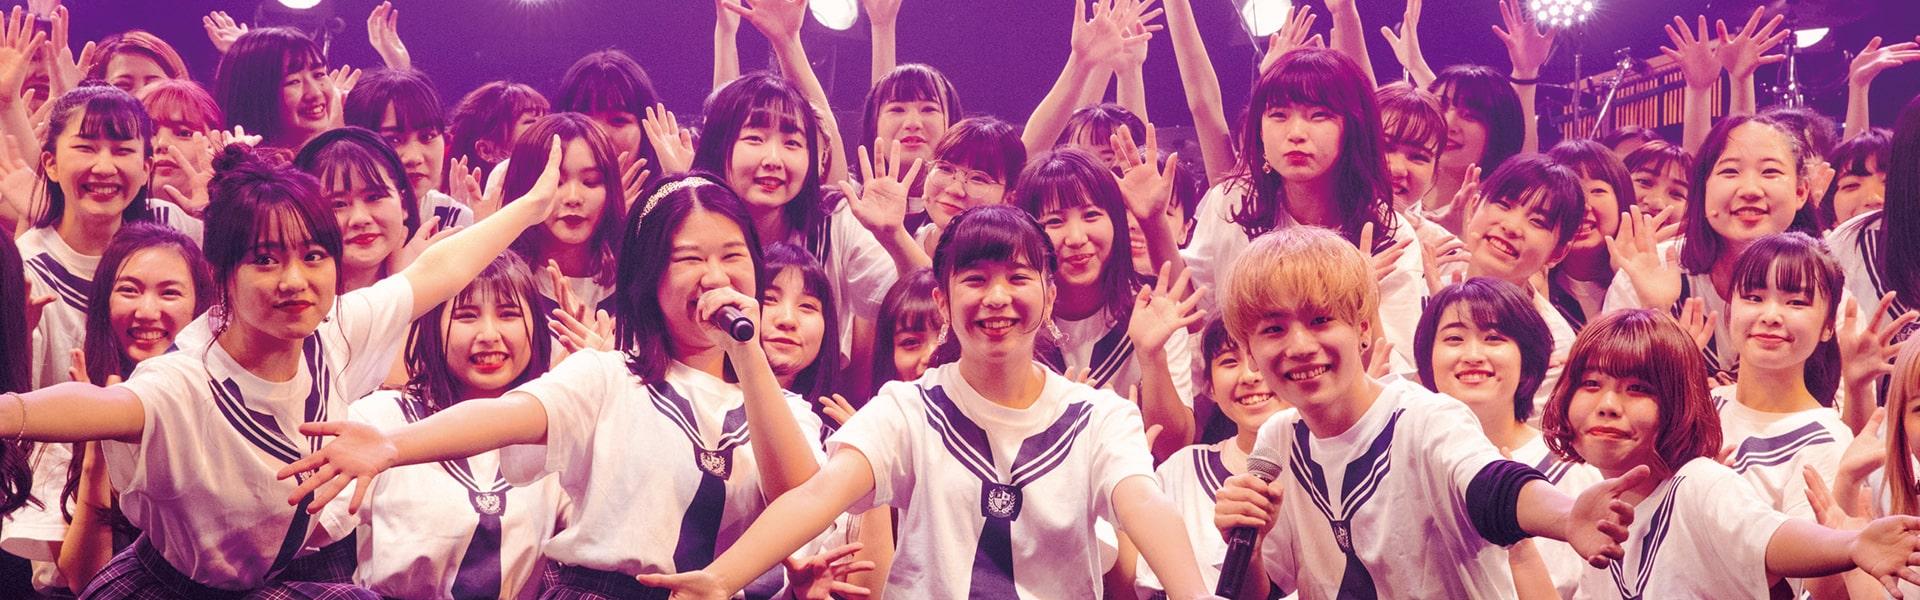 We are FSM高専!イメージ画像